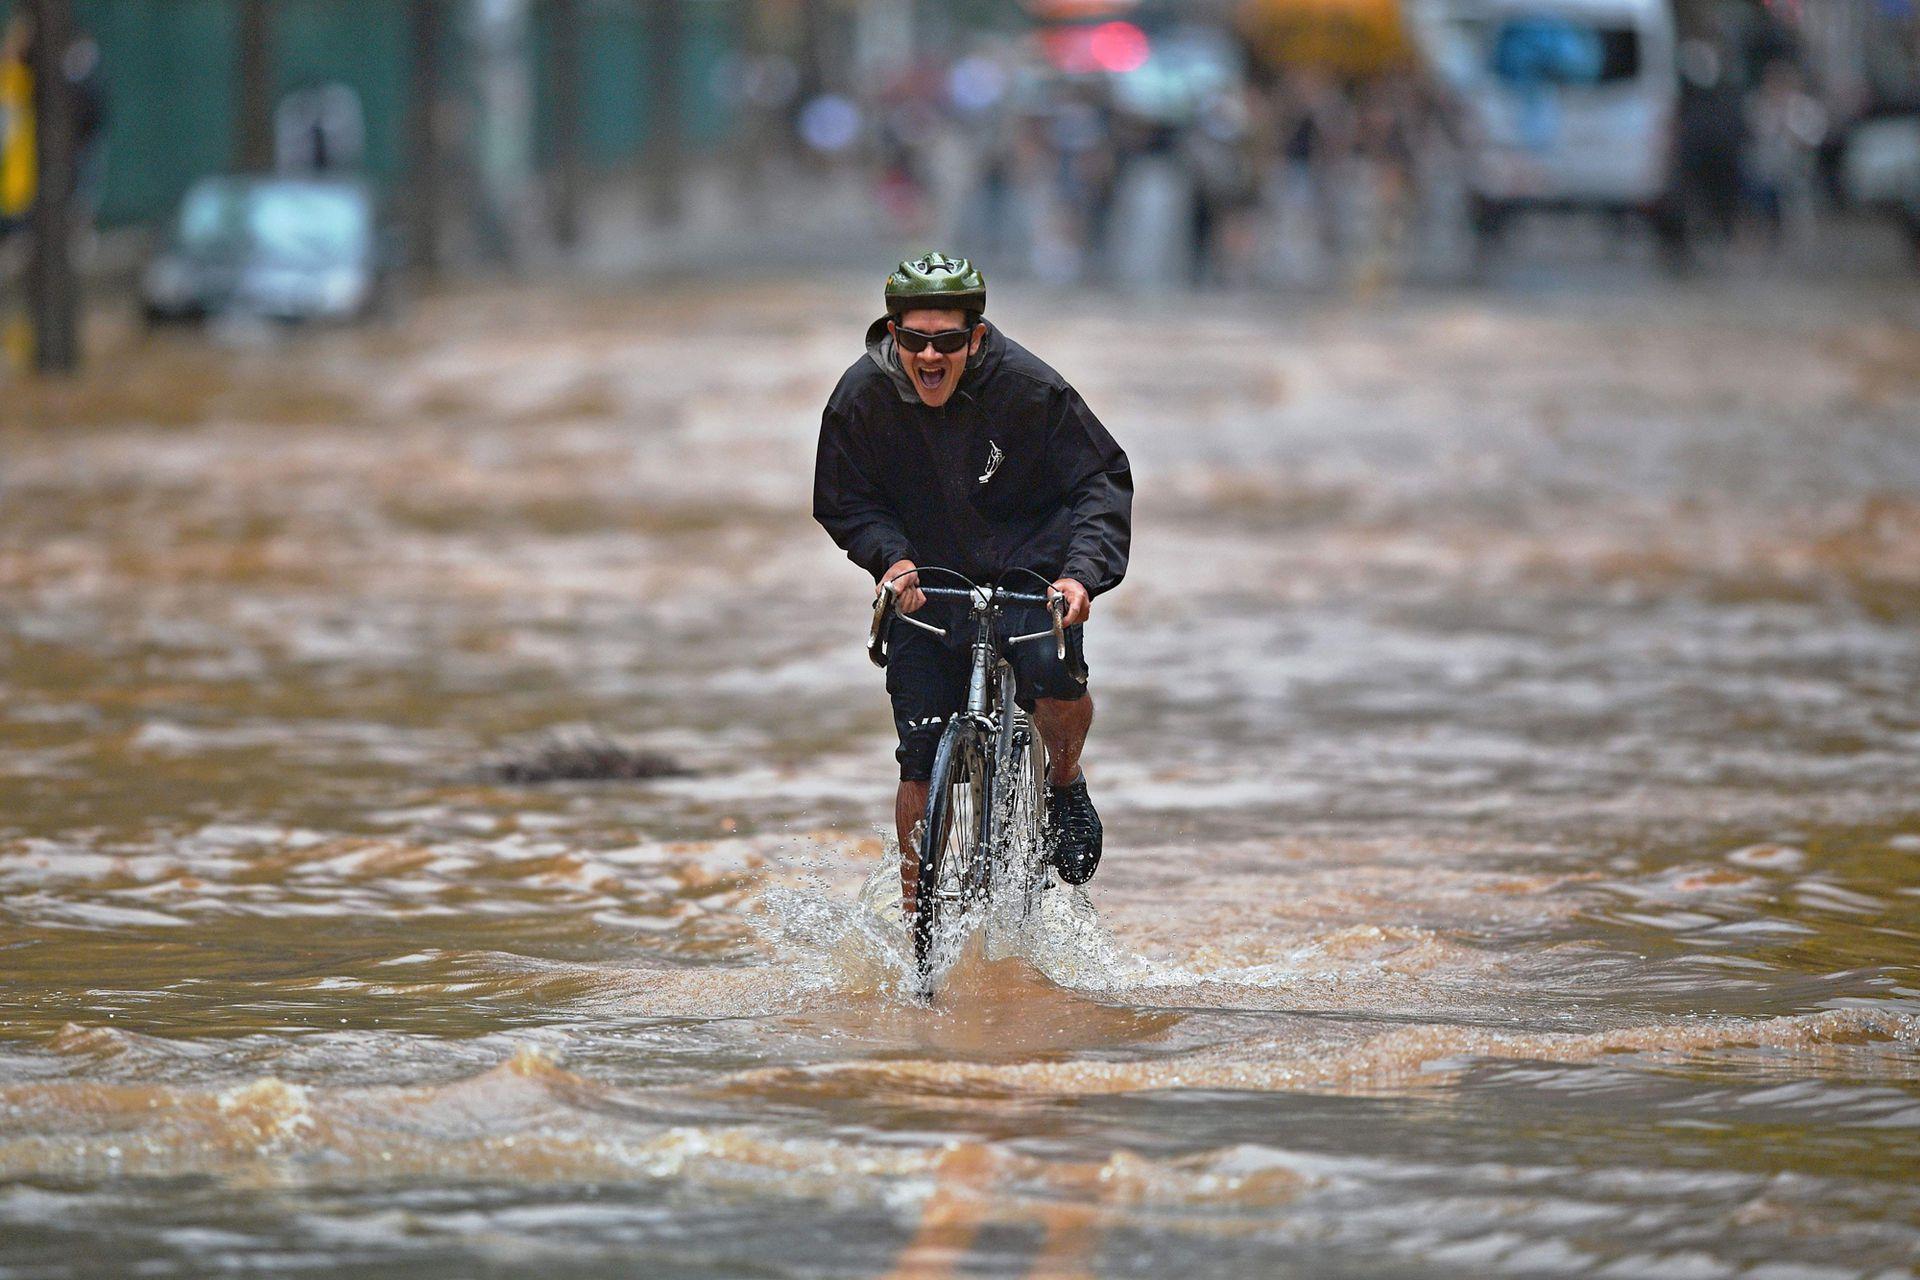 Las inundaciones repentinas causadas por lluvias torrenciales, causaron la muerte de al menos tres personas en Río de Janeiro